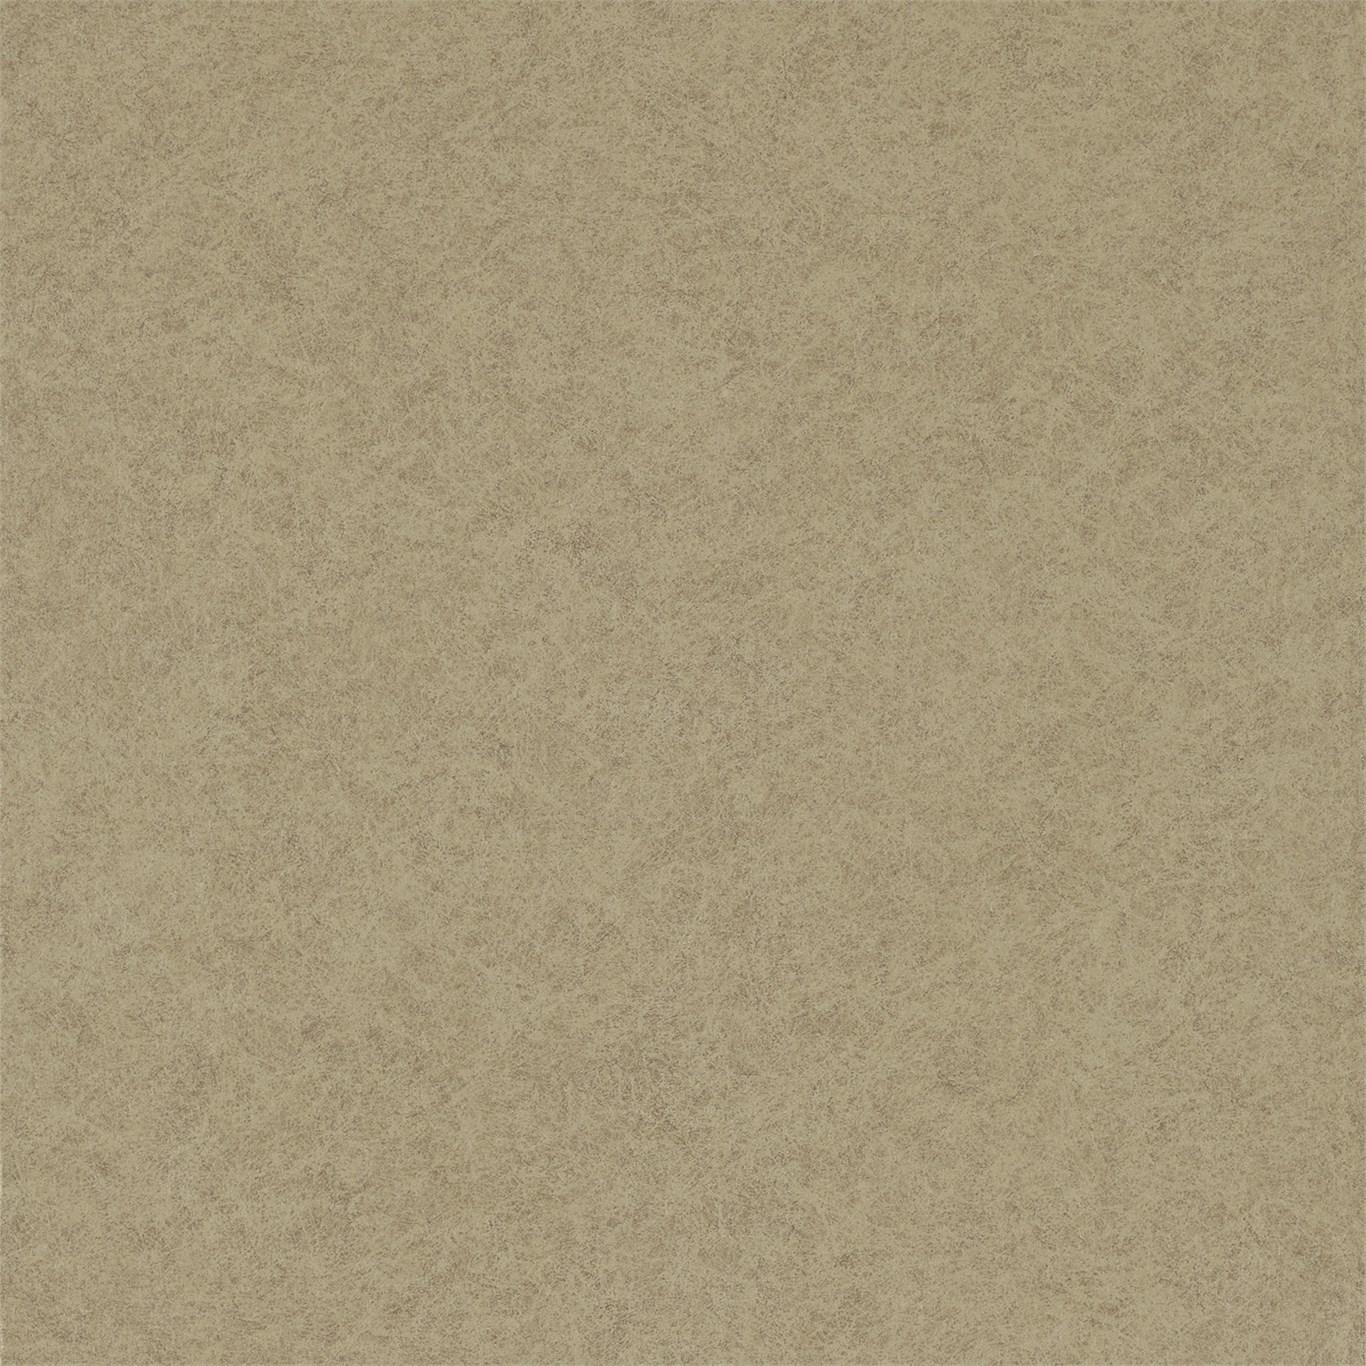 Английские обои Harlequin,  коллекция Anthology 01, артикулEREE110787